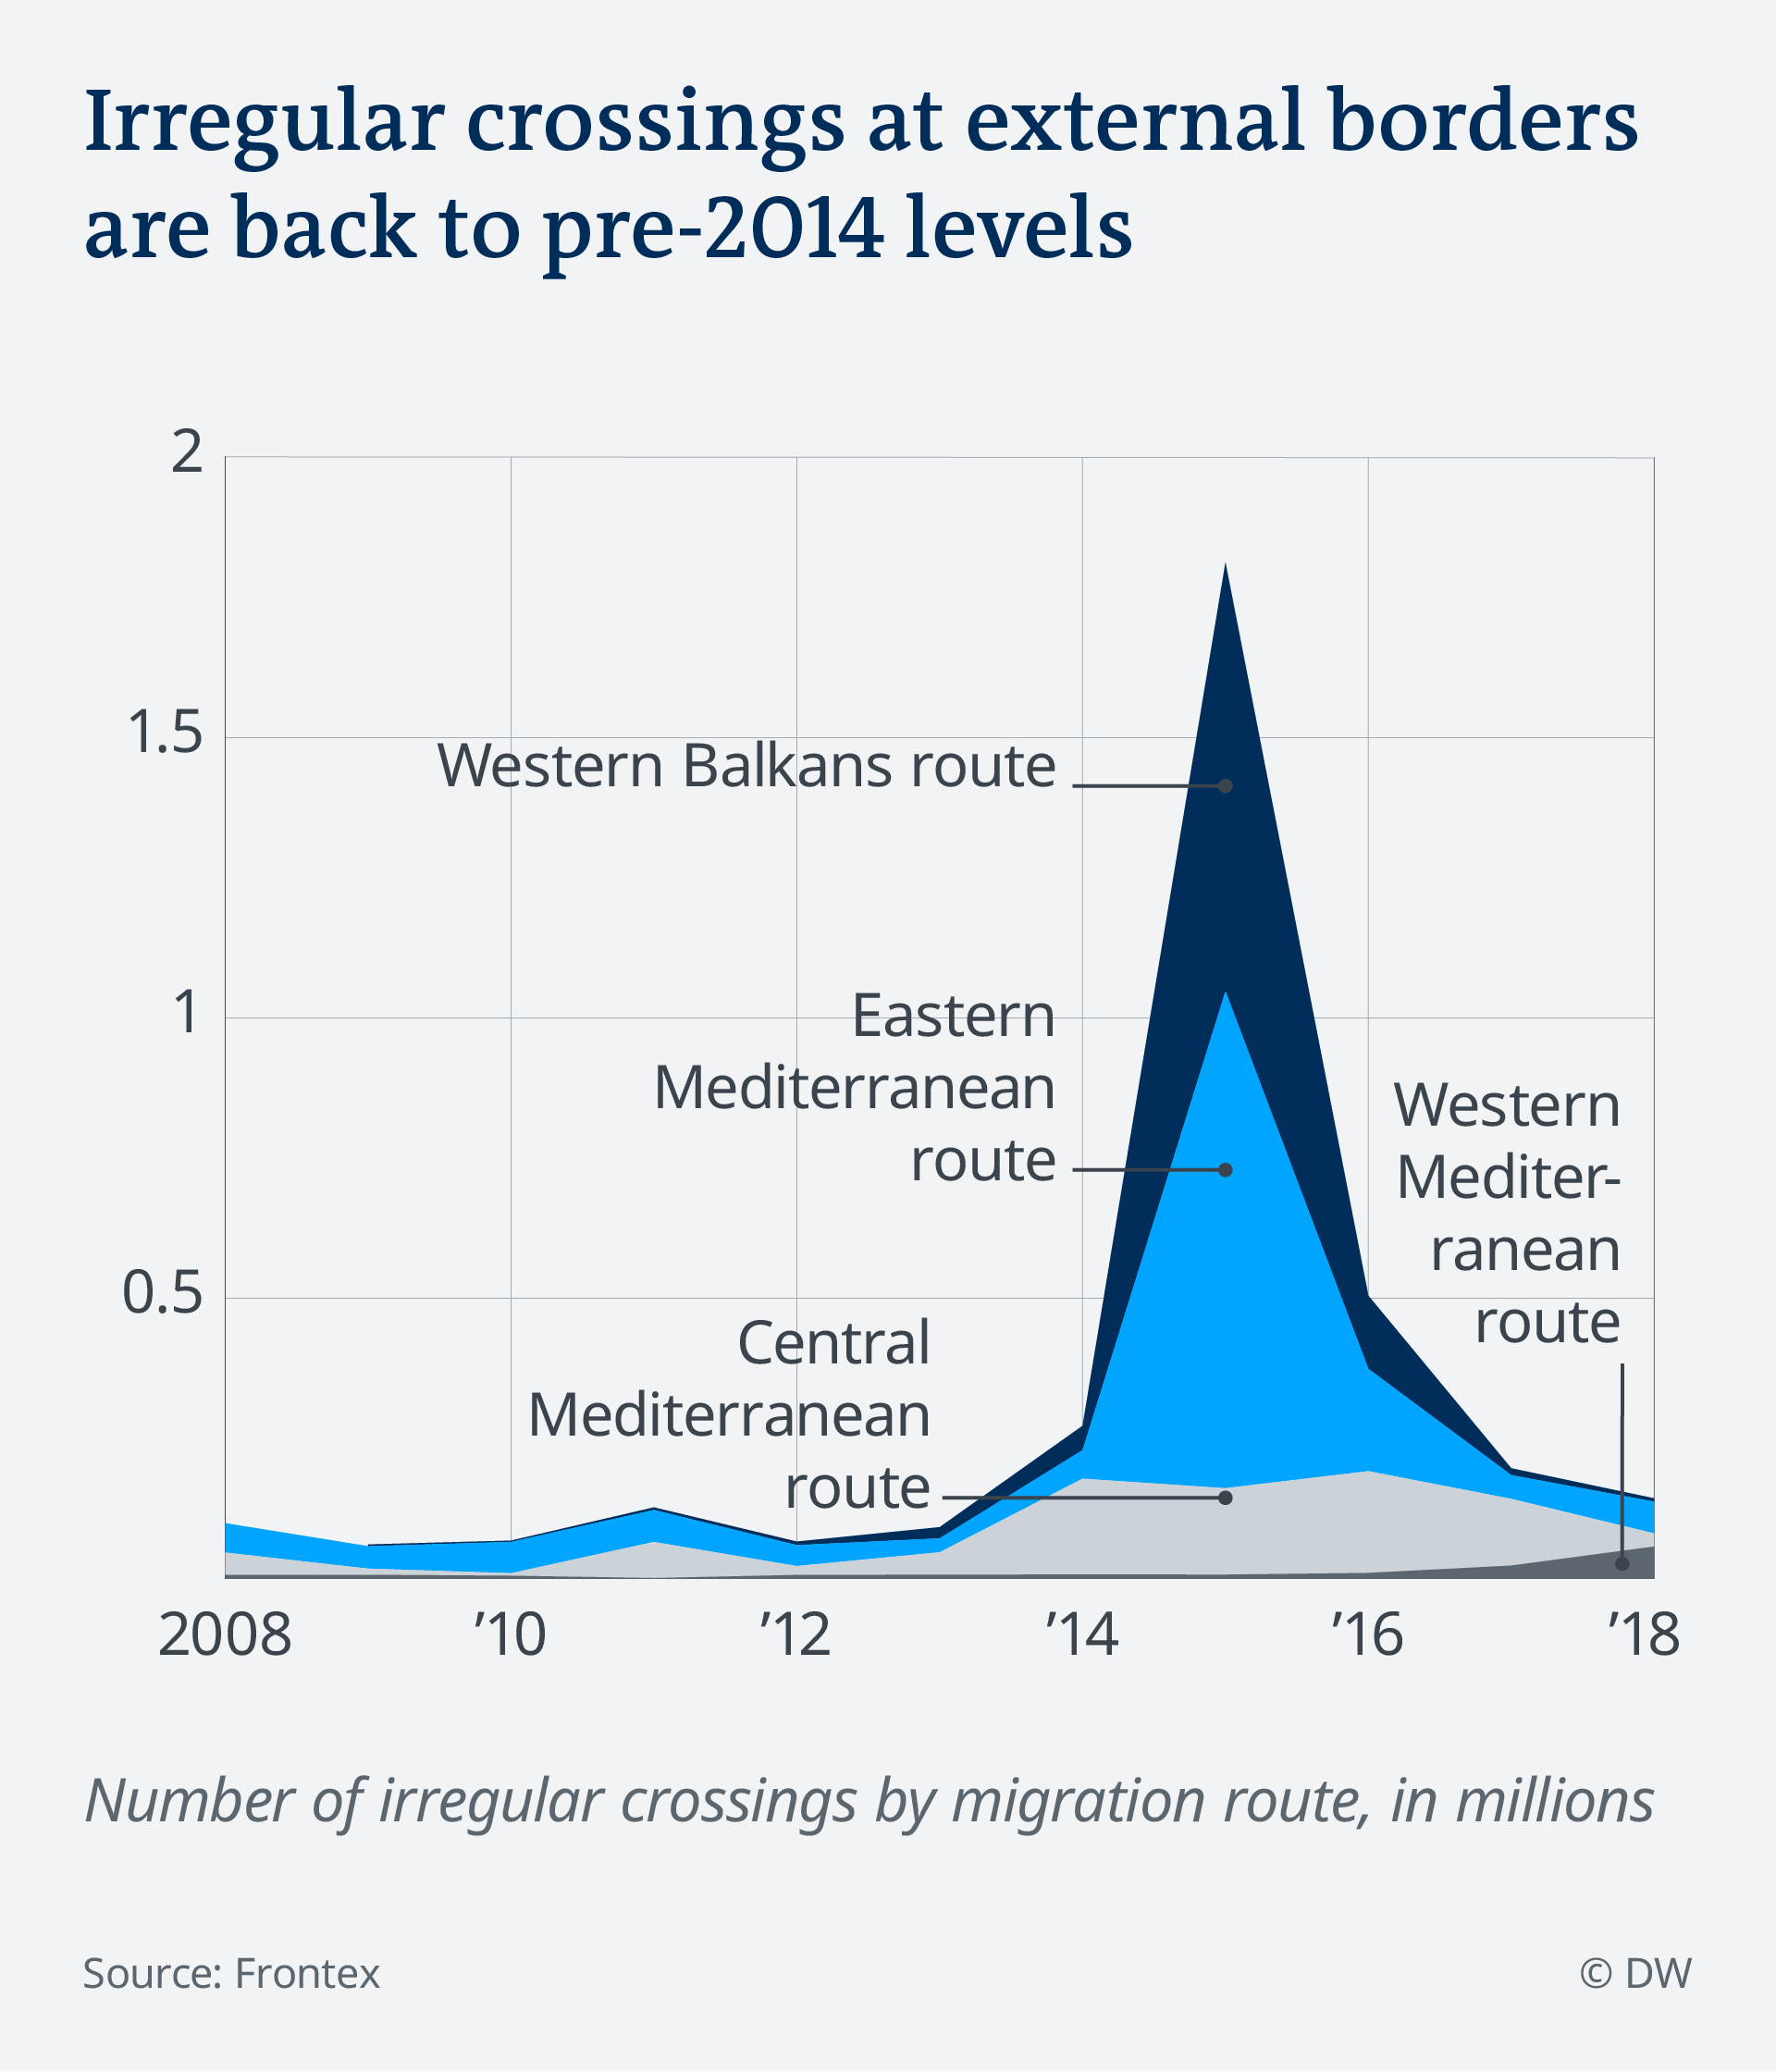 Intrări ilegale în UE, în funcție de ruta de migrație